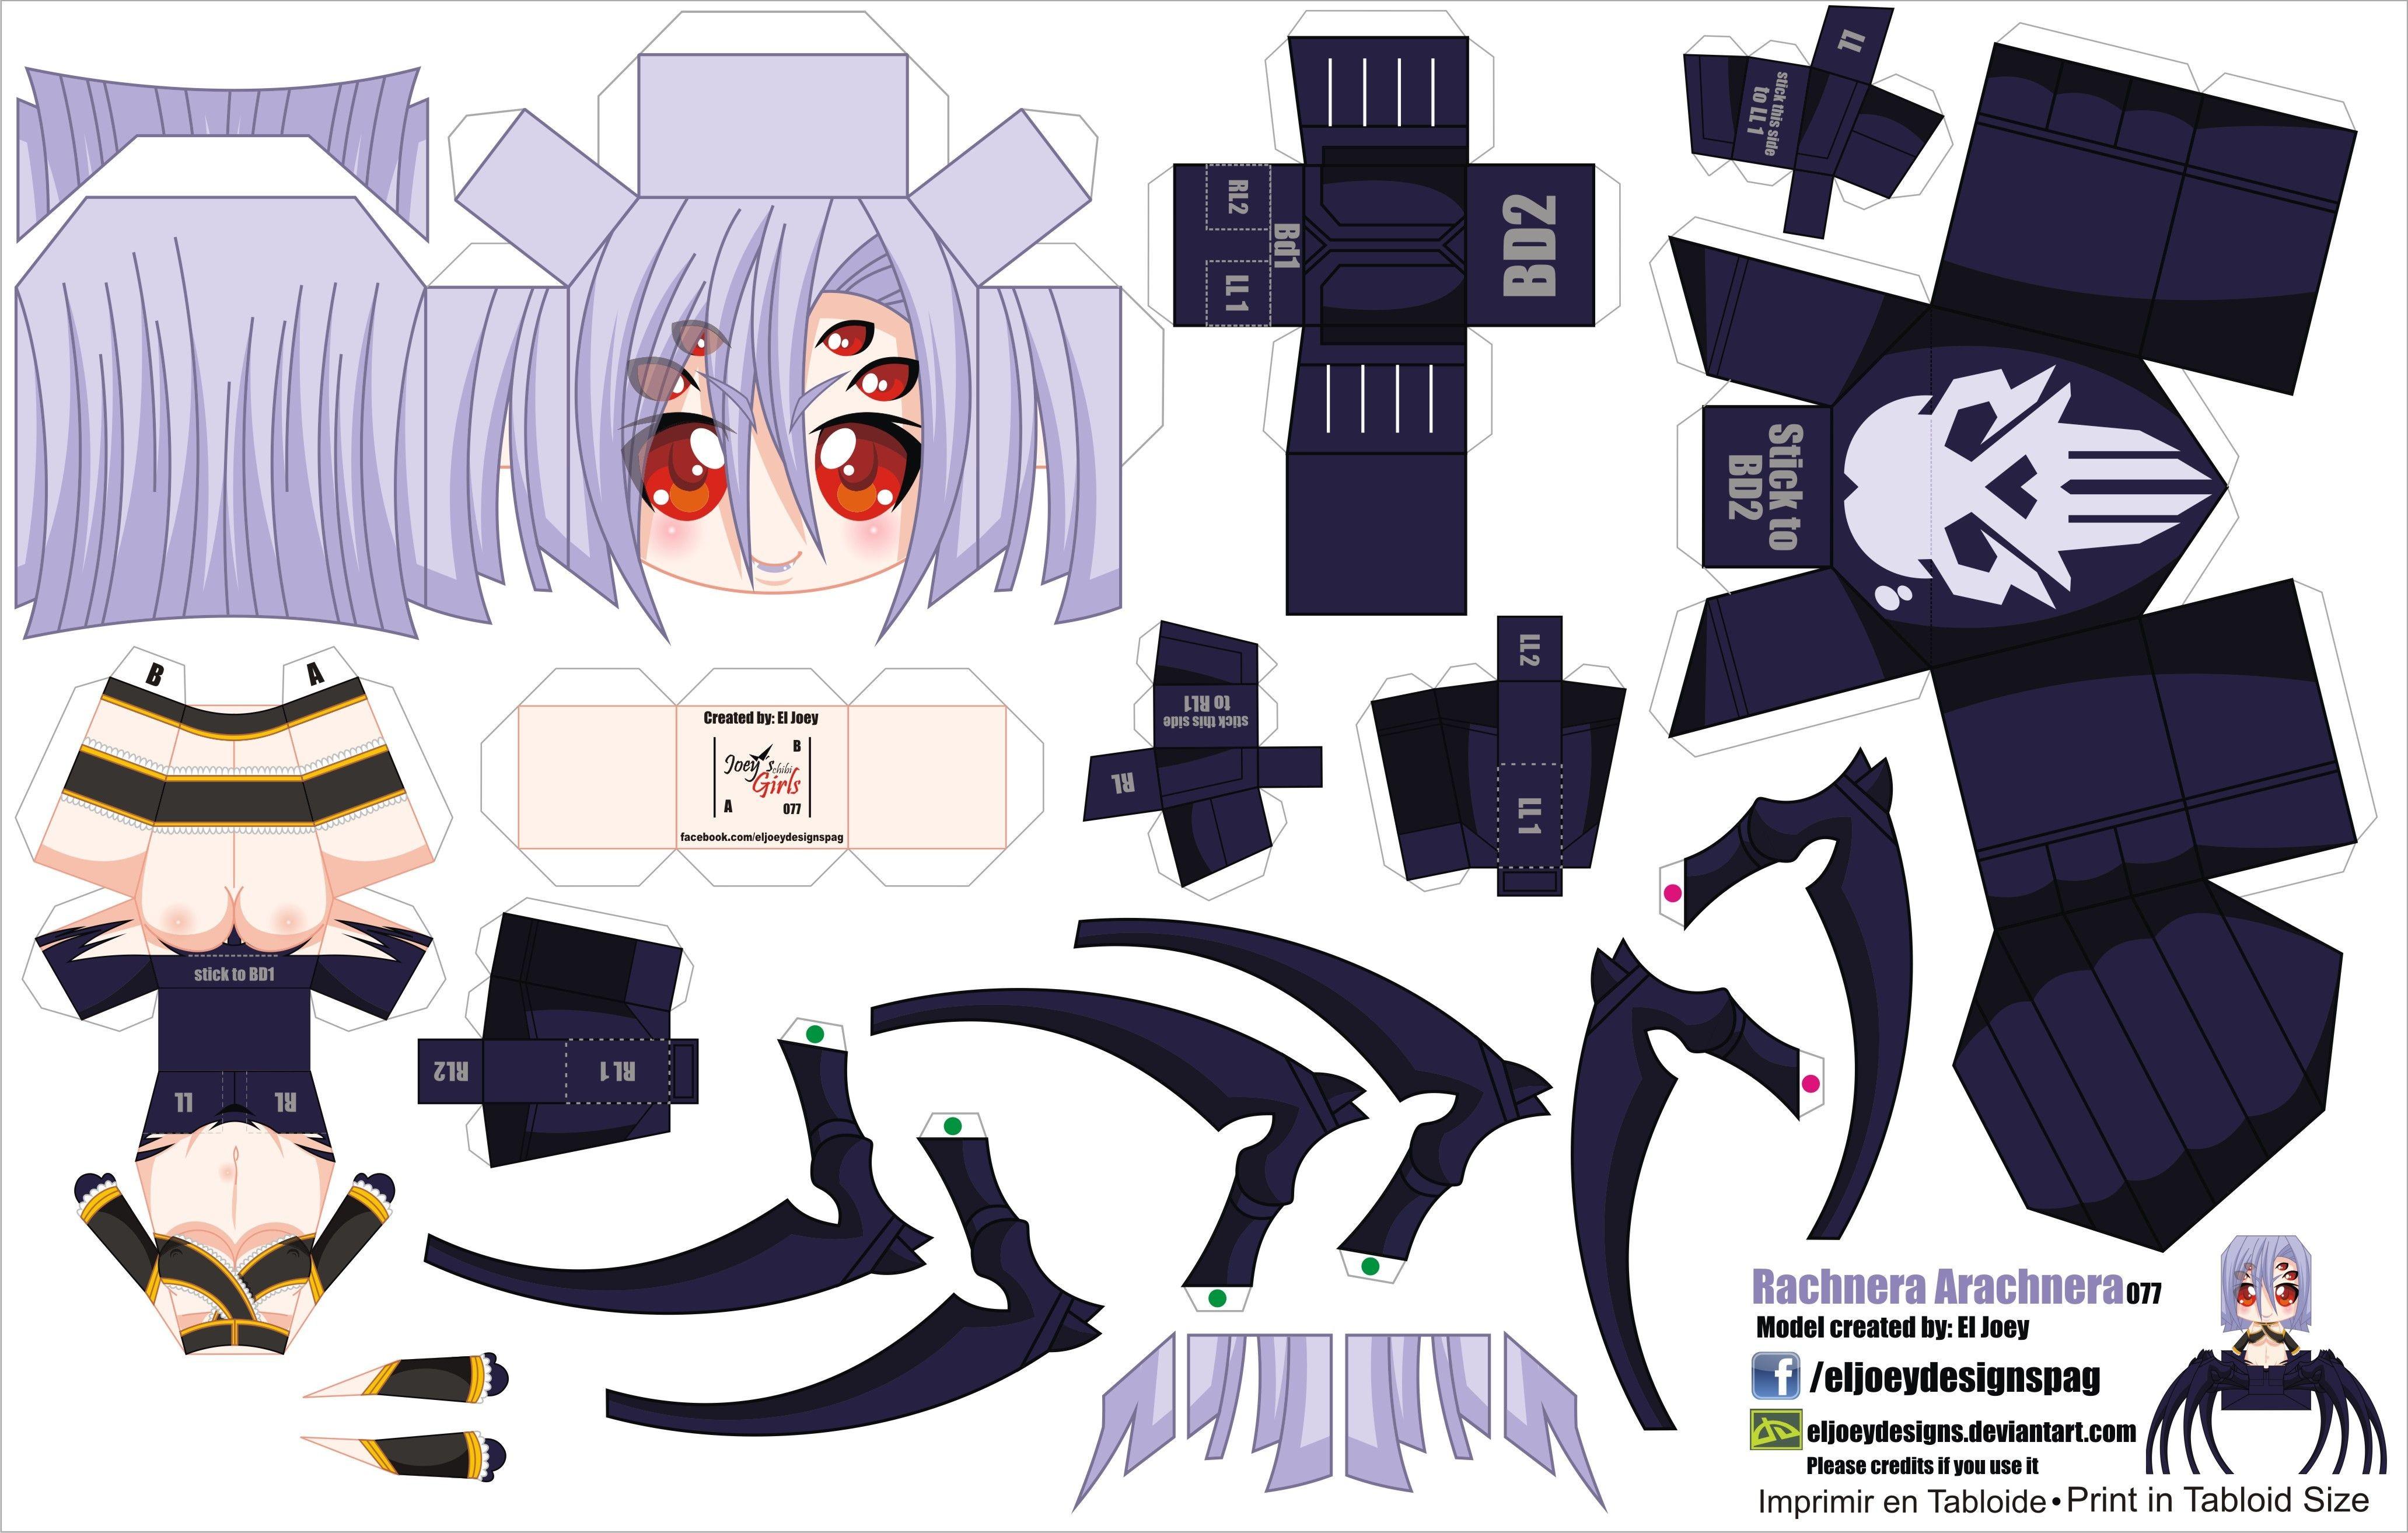 Miku Papercraft Rachnera Arachnera Jcg 077 Part 1 by Eljoeydesigns D8nsmd9